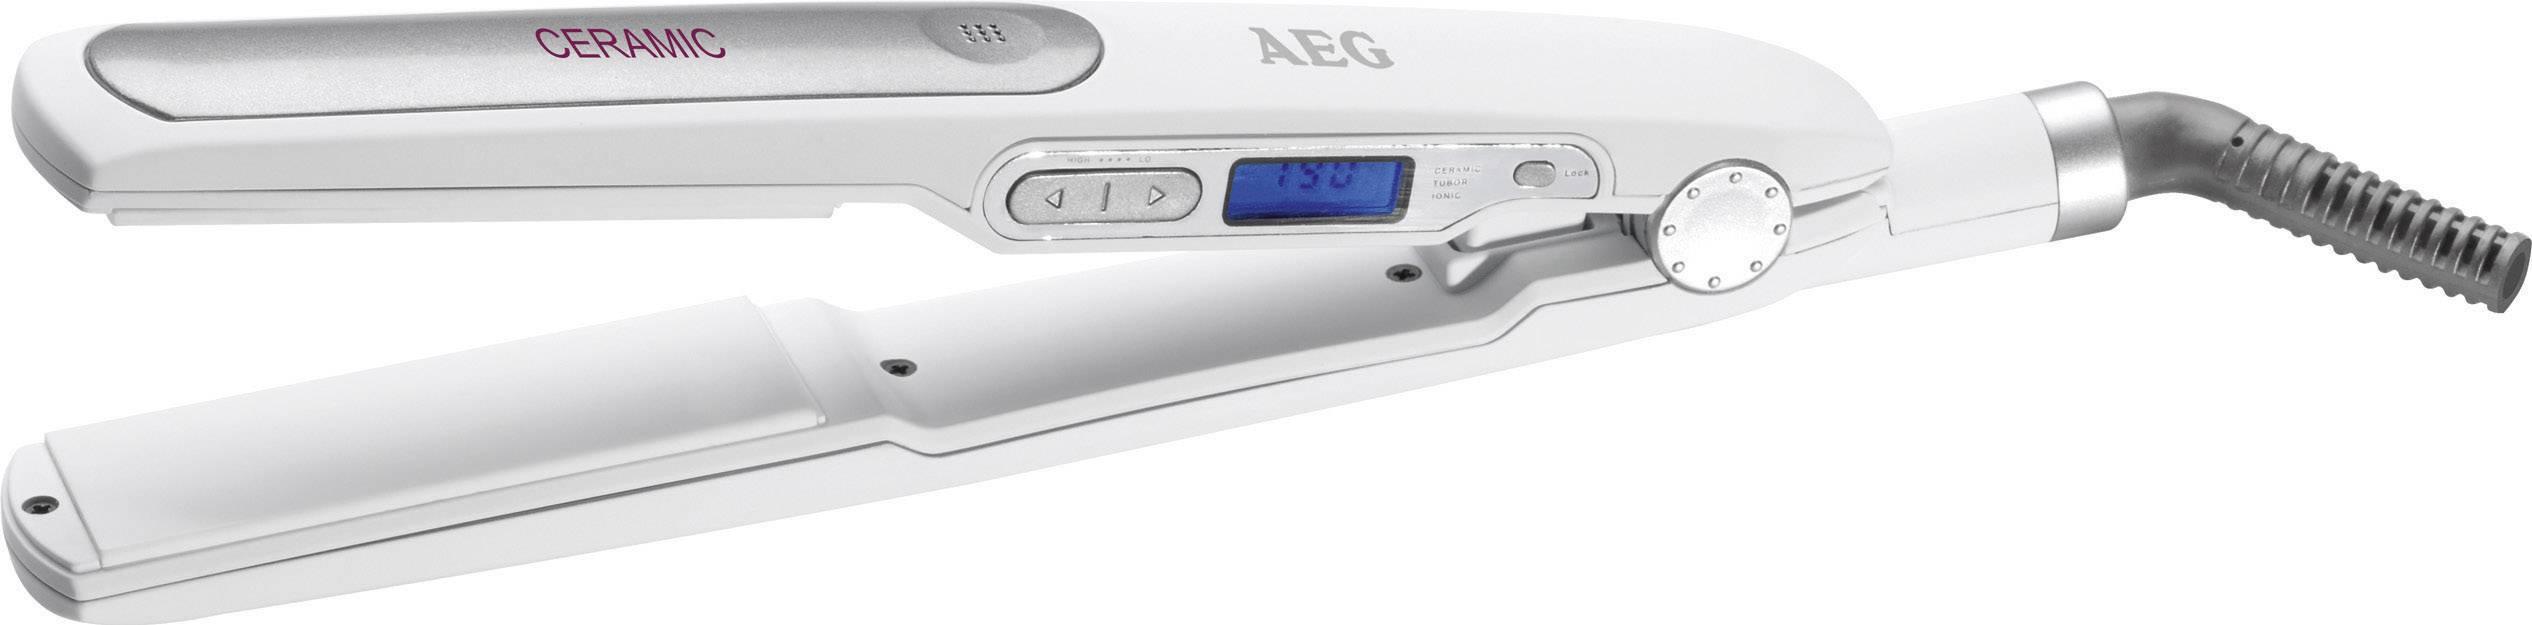 Žehlička na vlasy AEG s keramickým telieskom a LCD, HC 5585